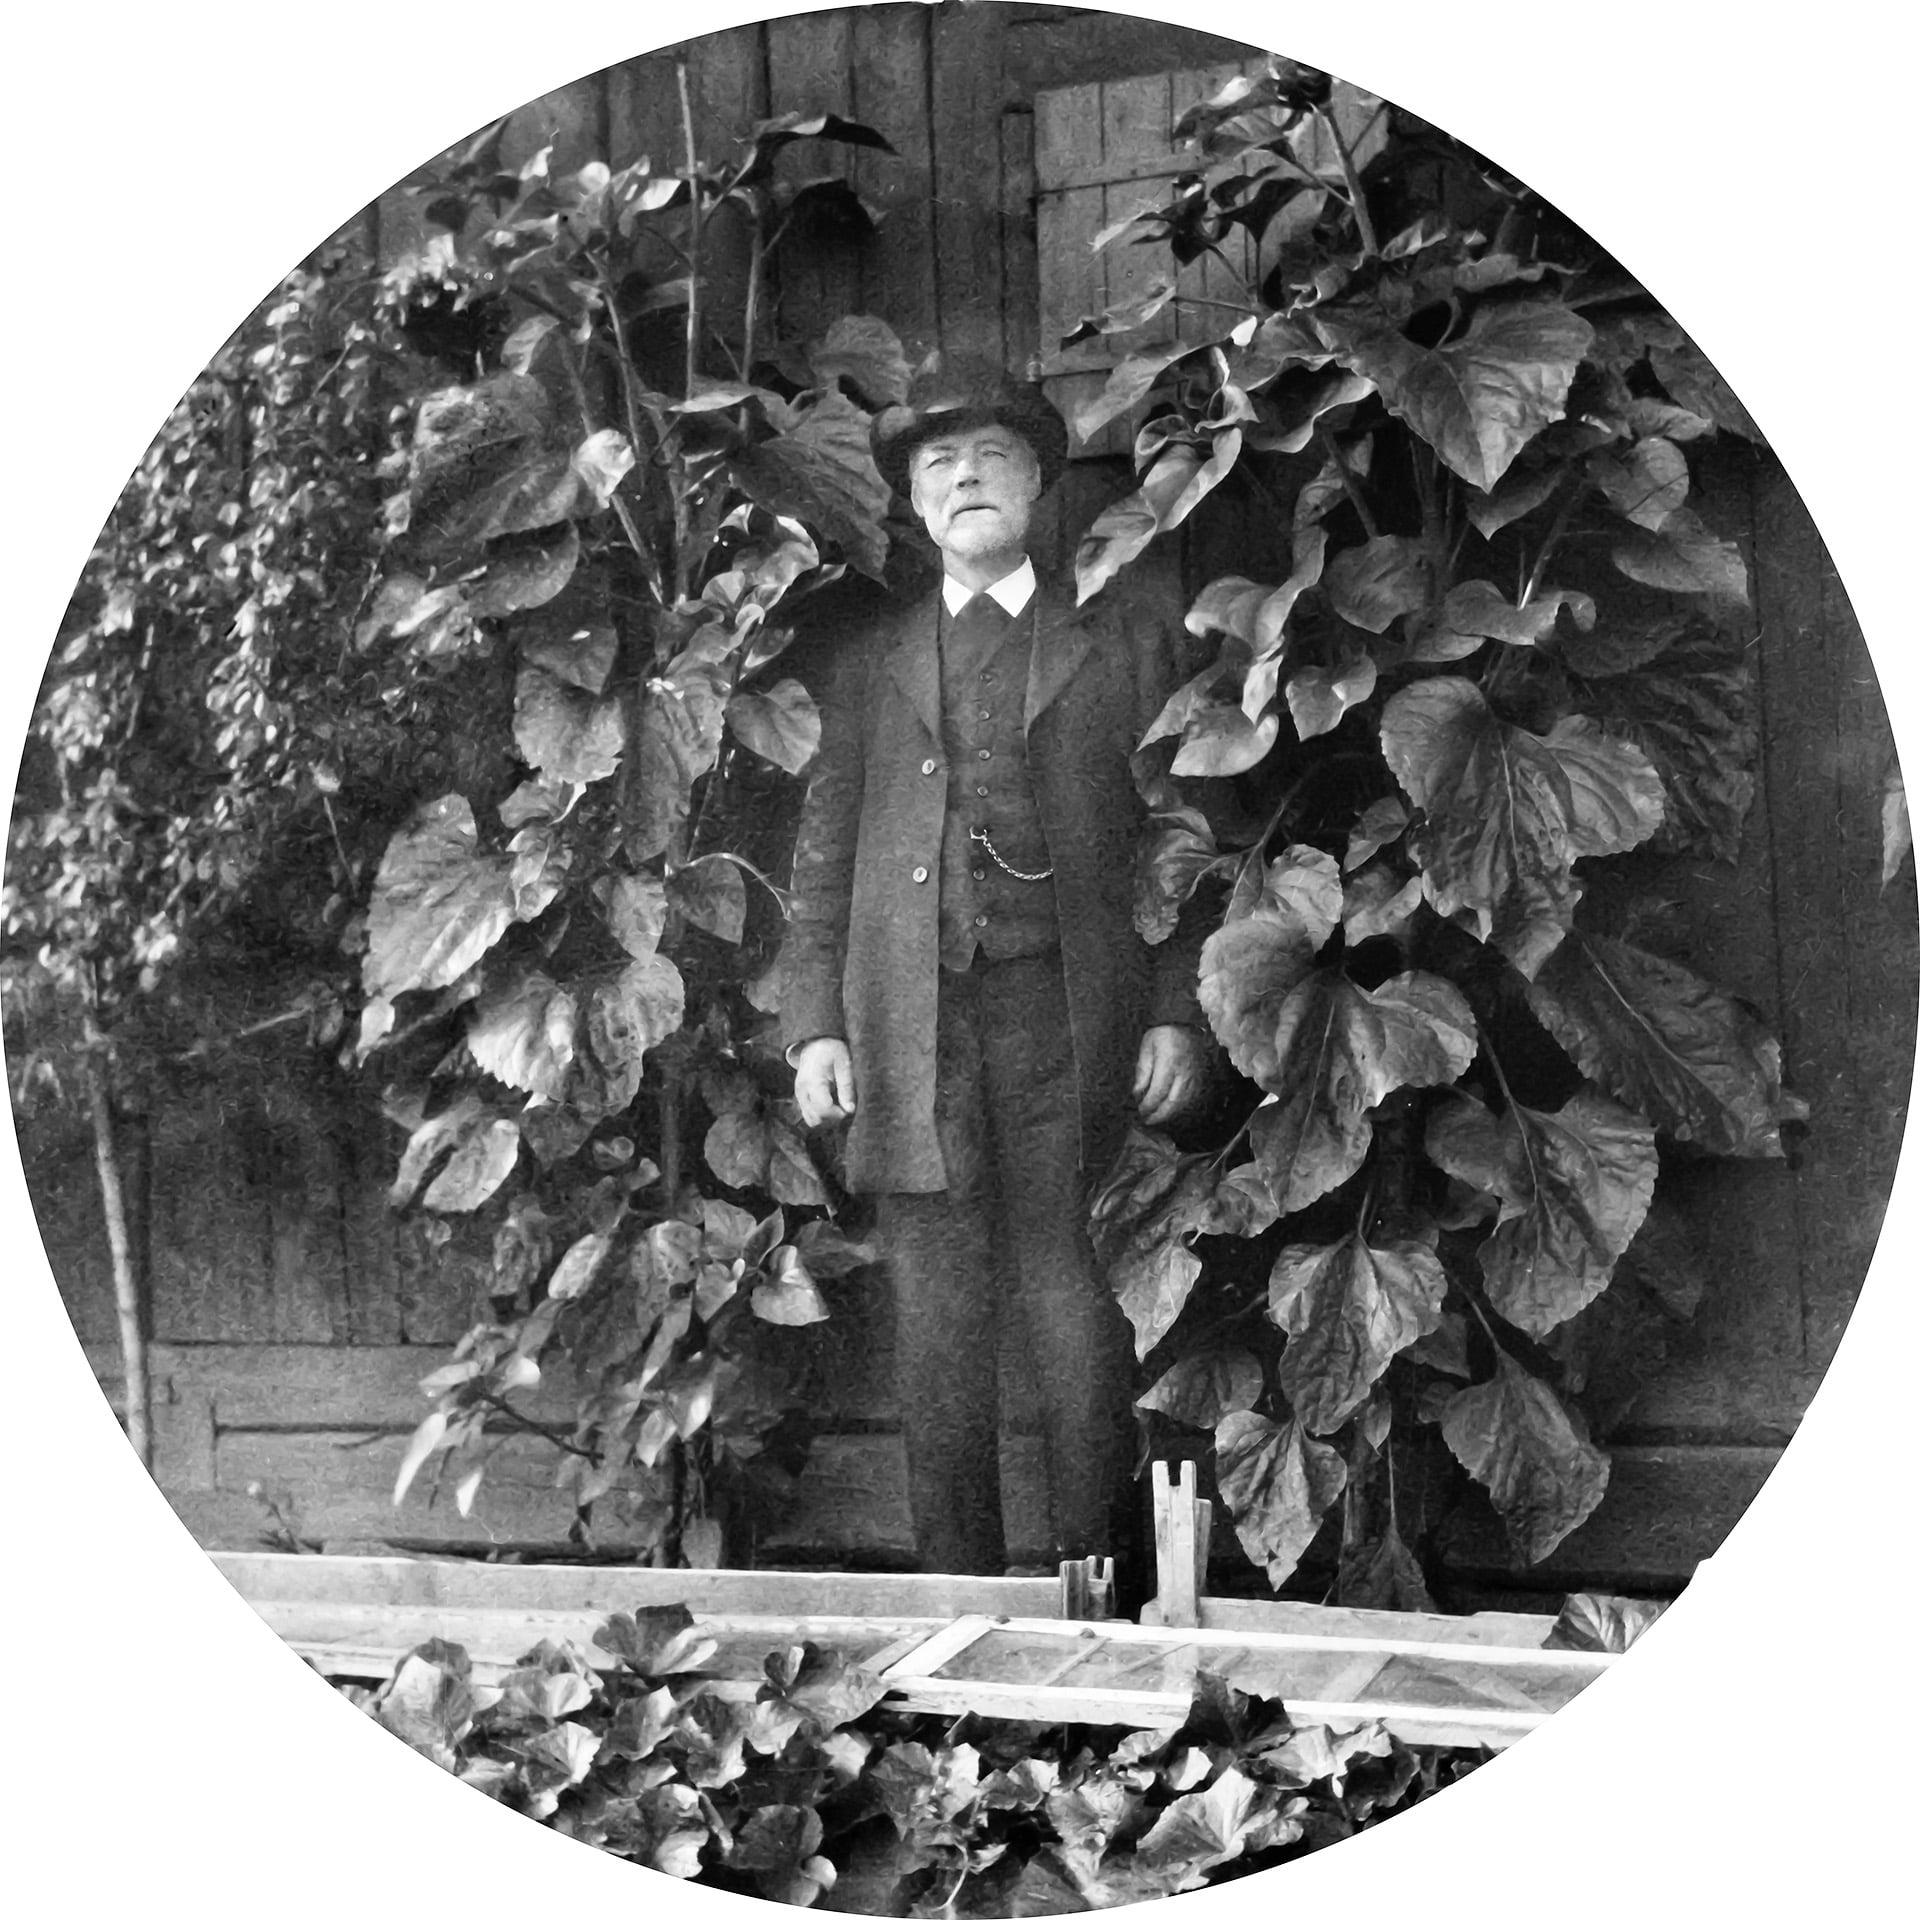 Carl Gustaf Holmquist